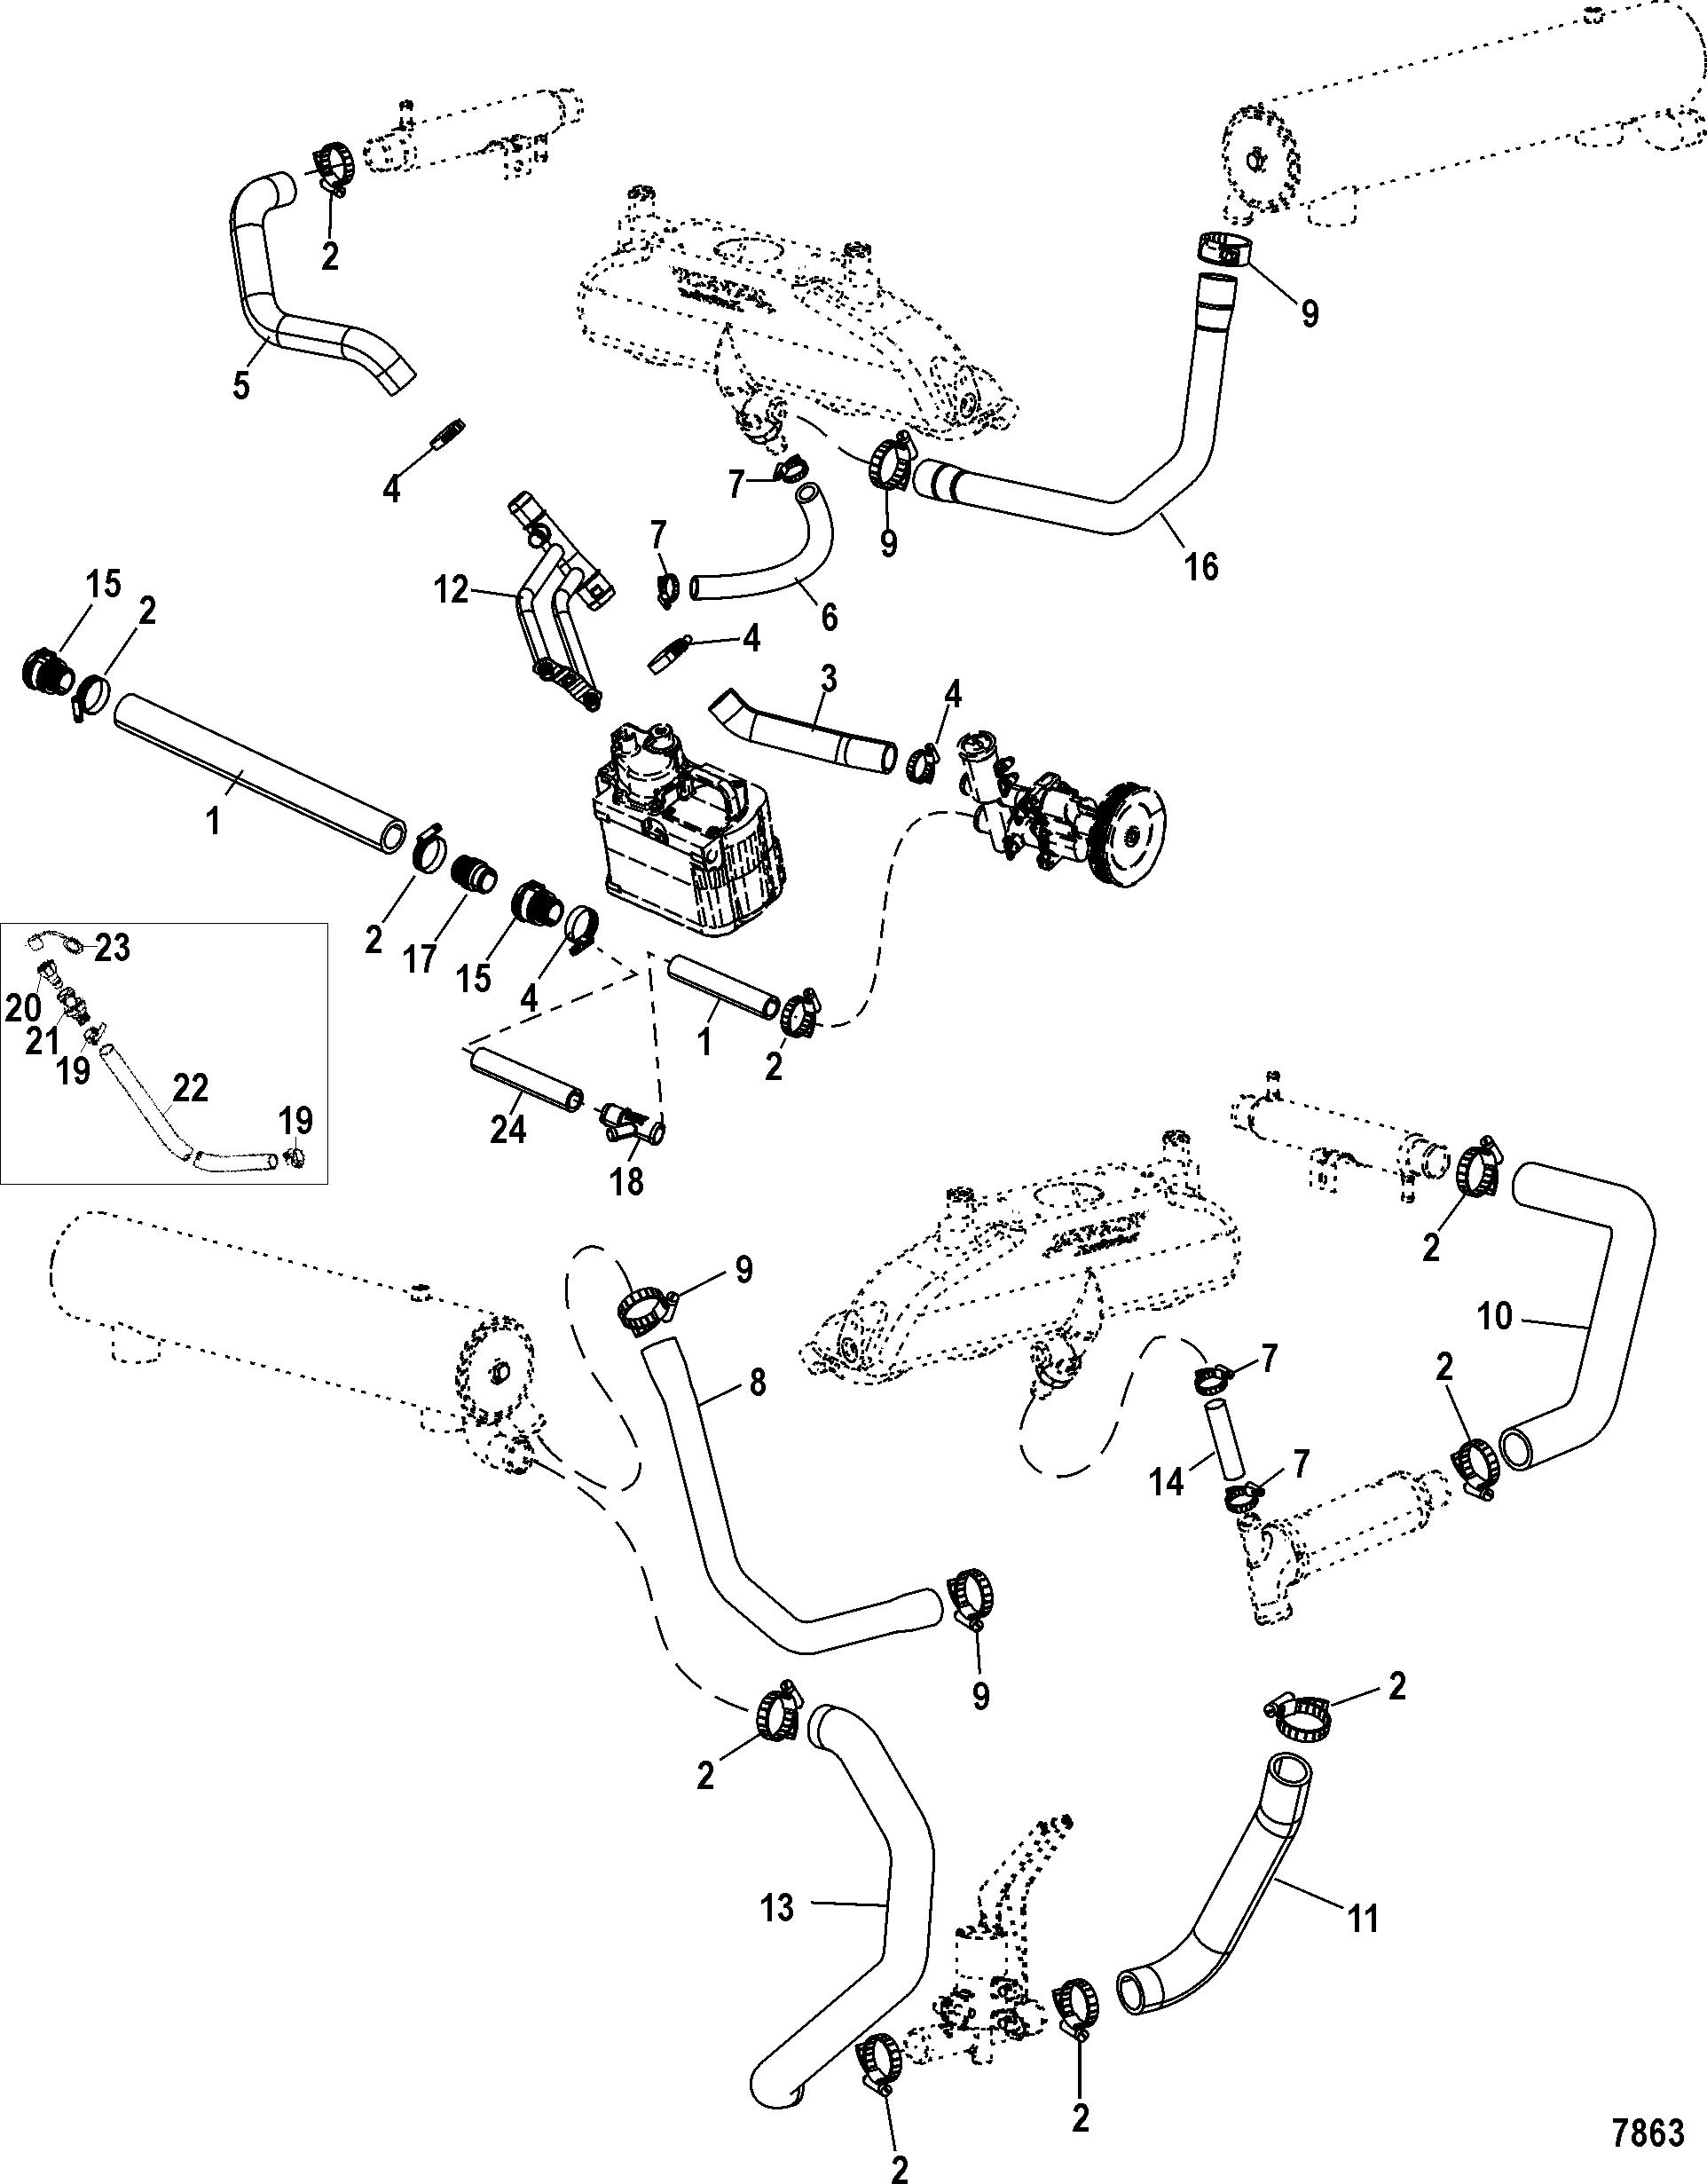 Show product show diagram of an engine at ww5 ww w freeautoresponder